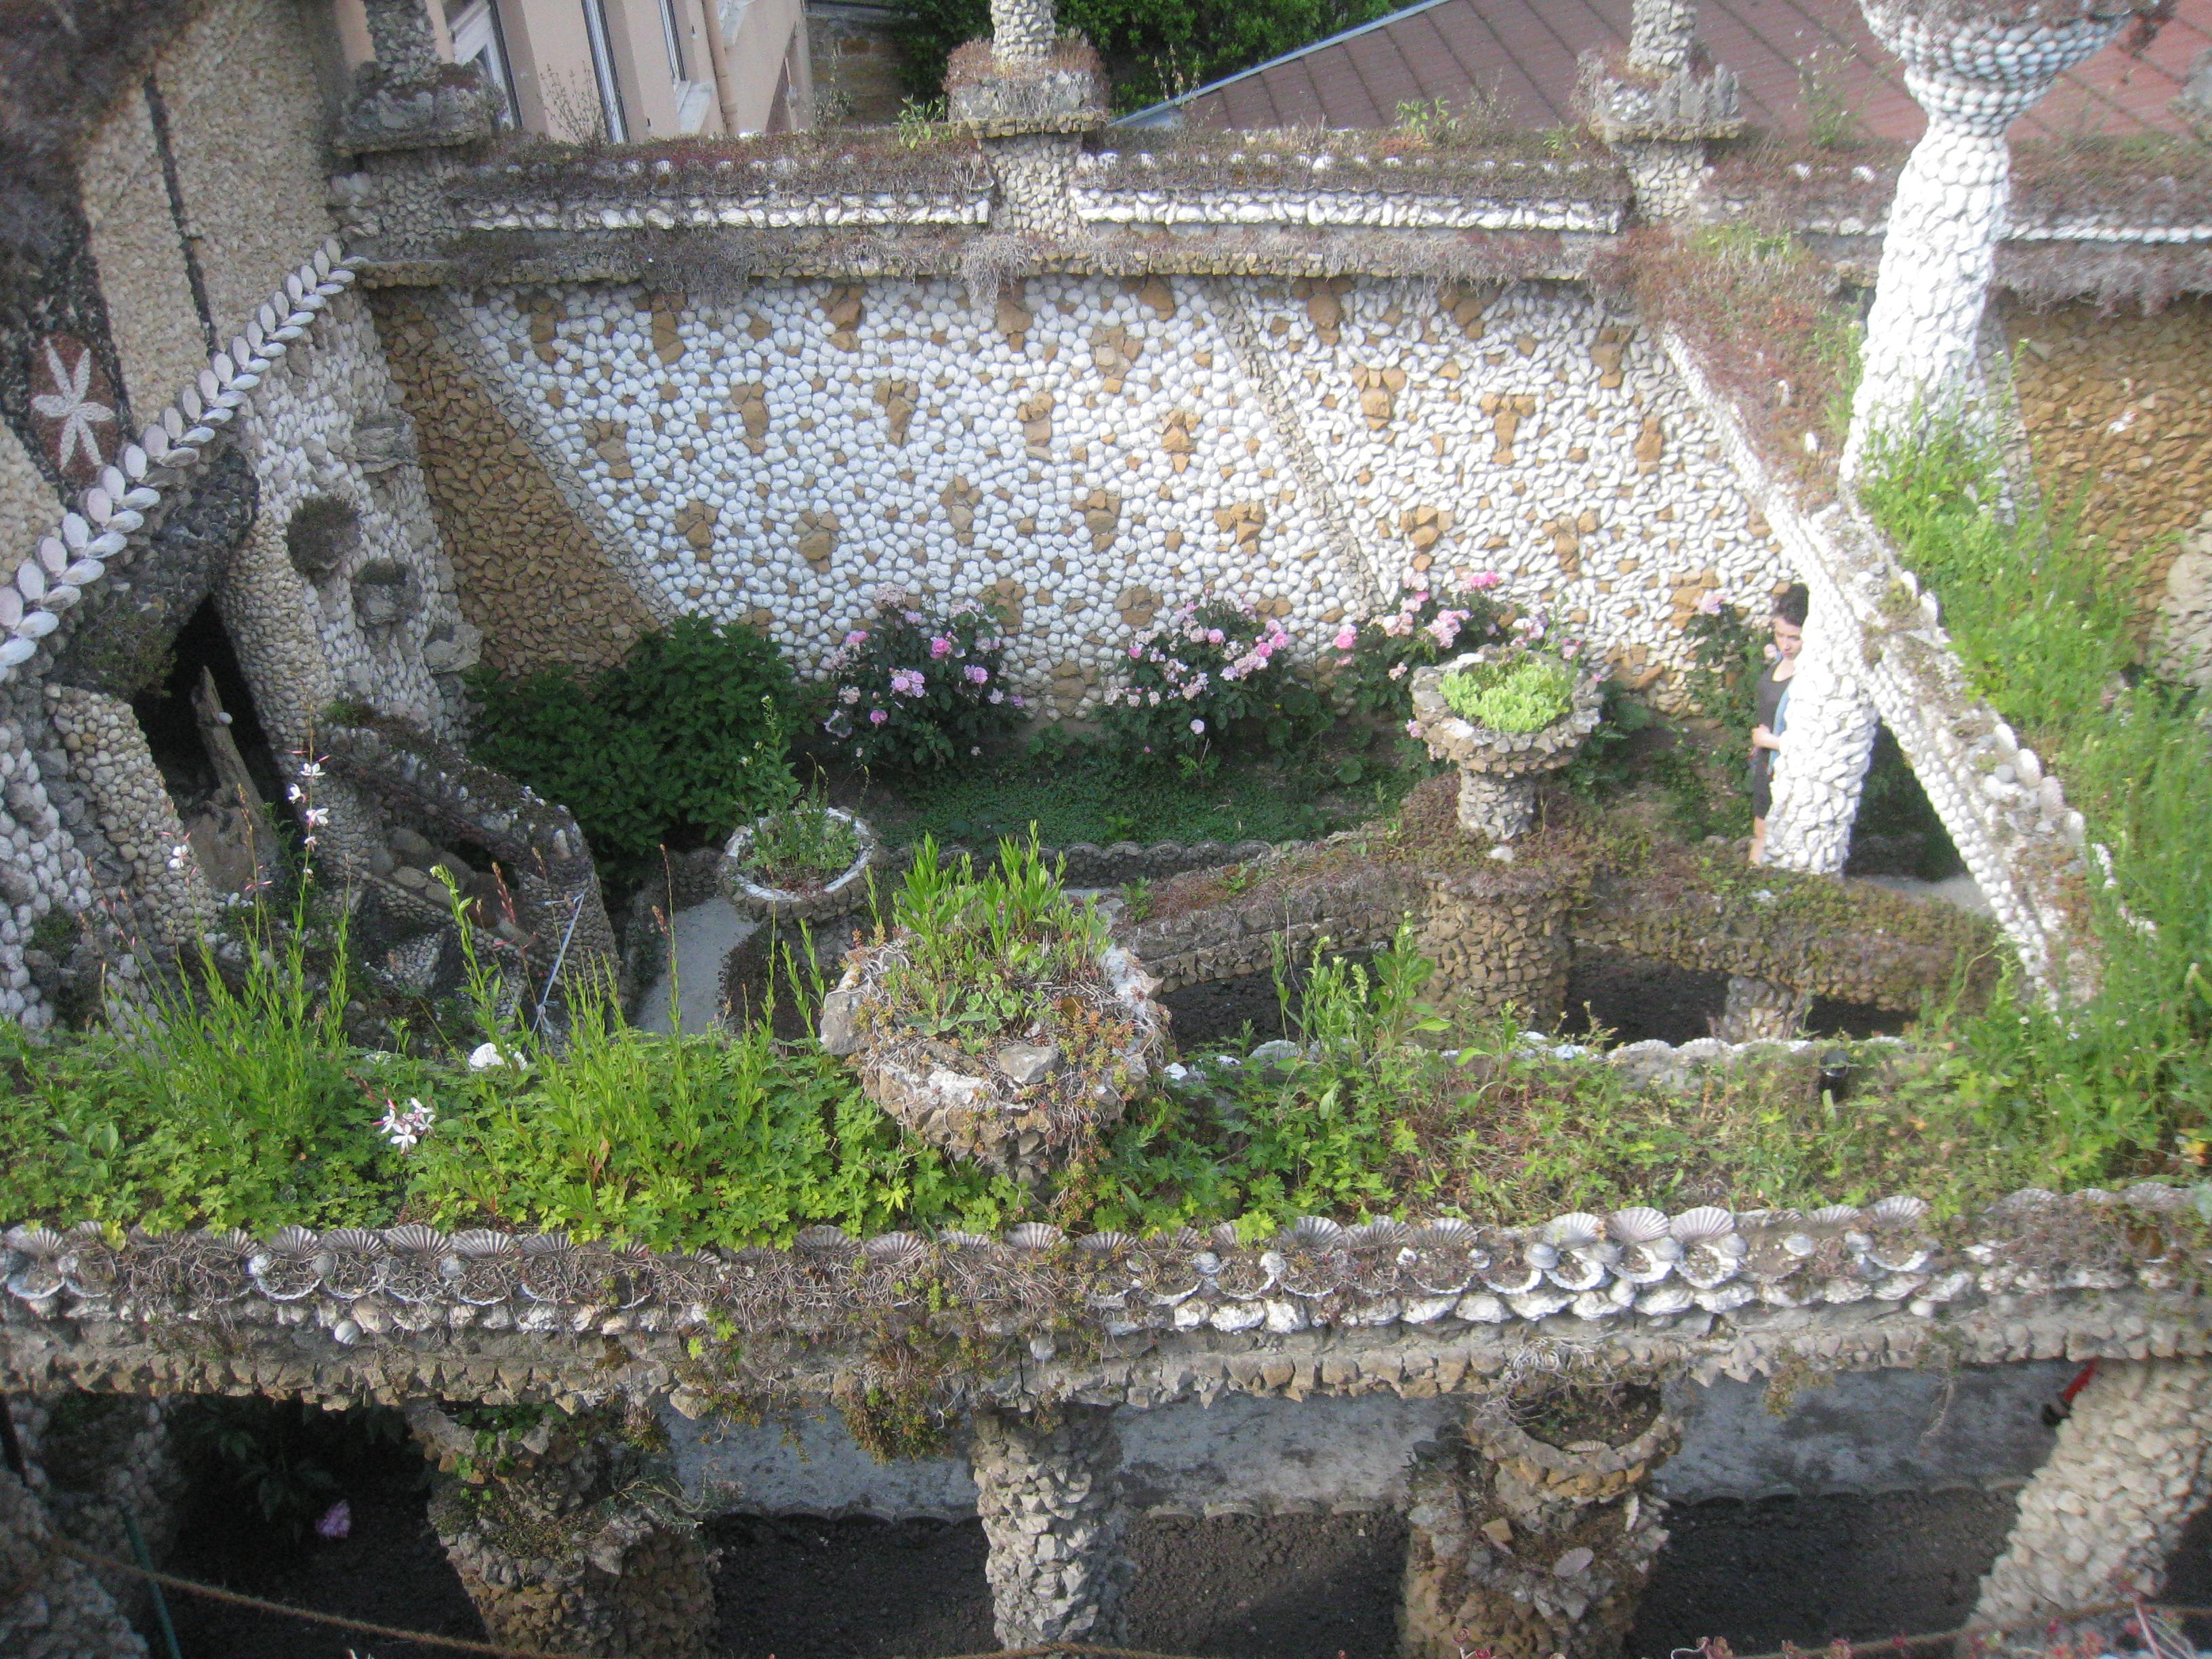 Le jardin de rosa mir o s embrasser lyon 3 fais for Le jardin lyon